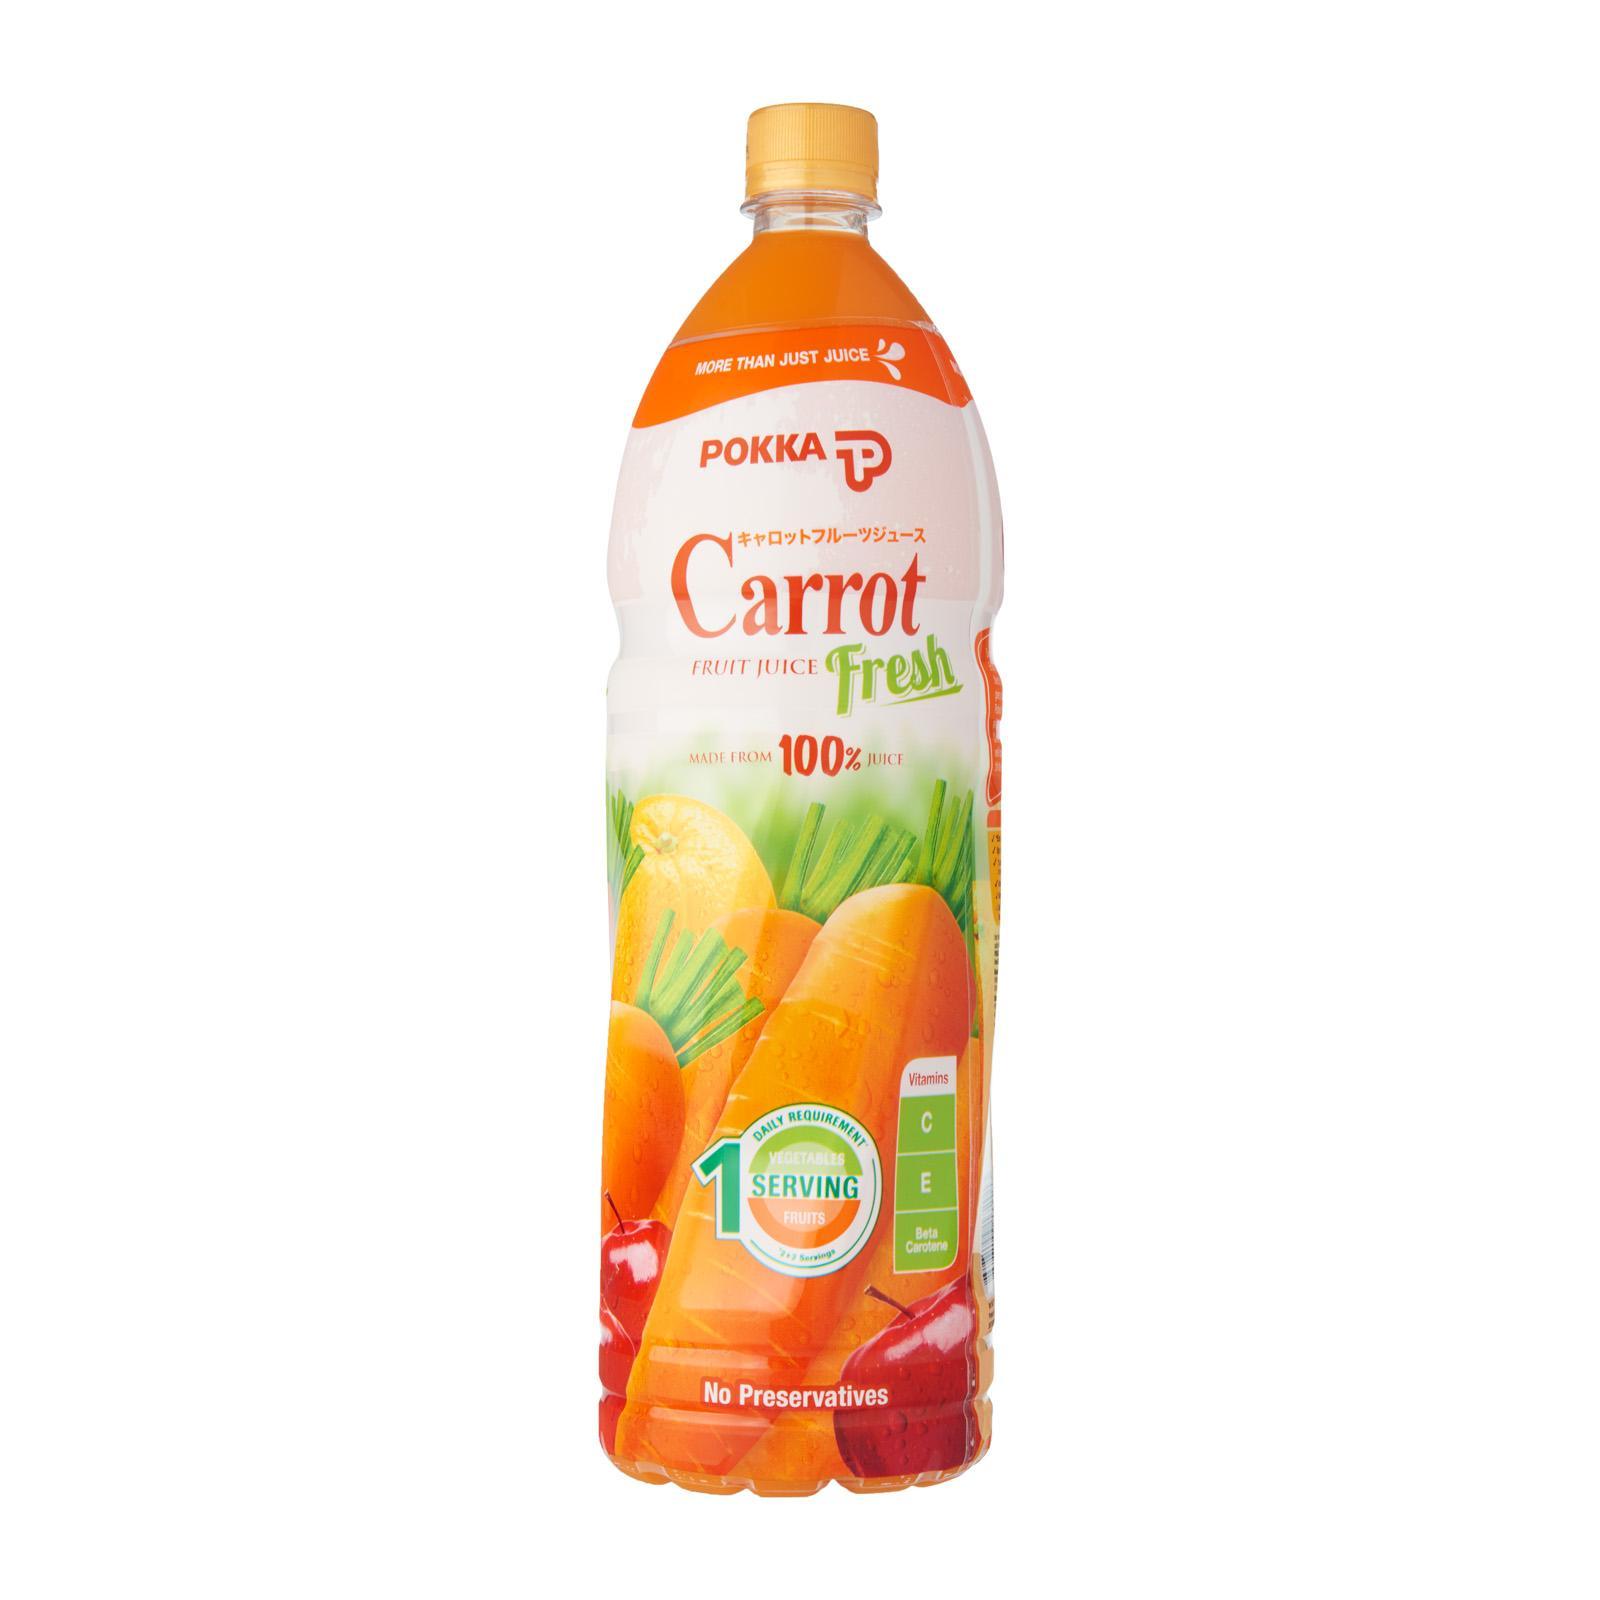 POKKA Carrot Fruit Juice 1.5L